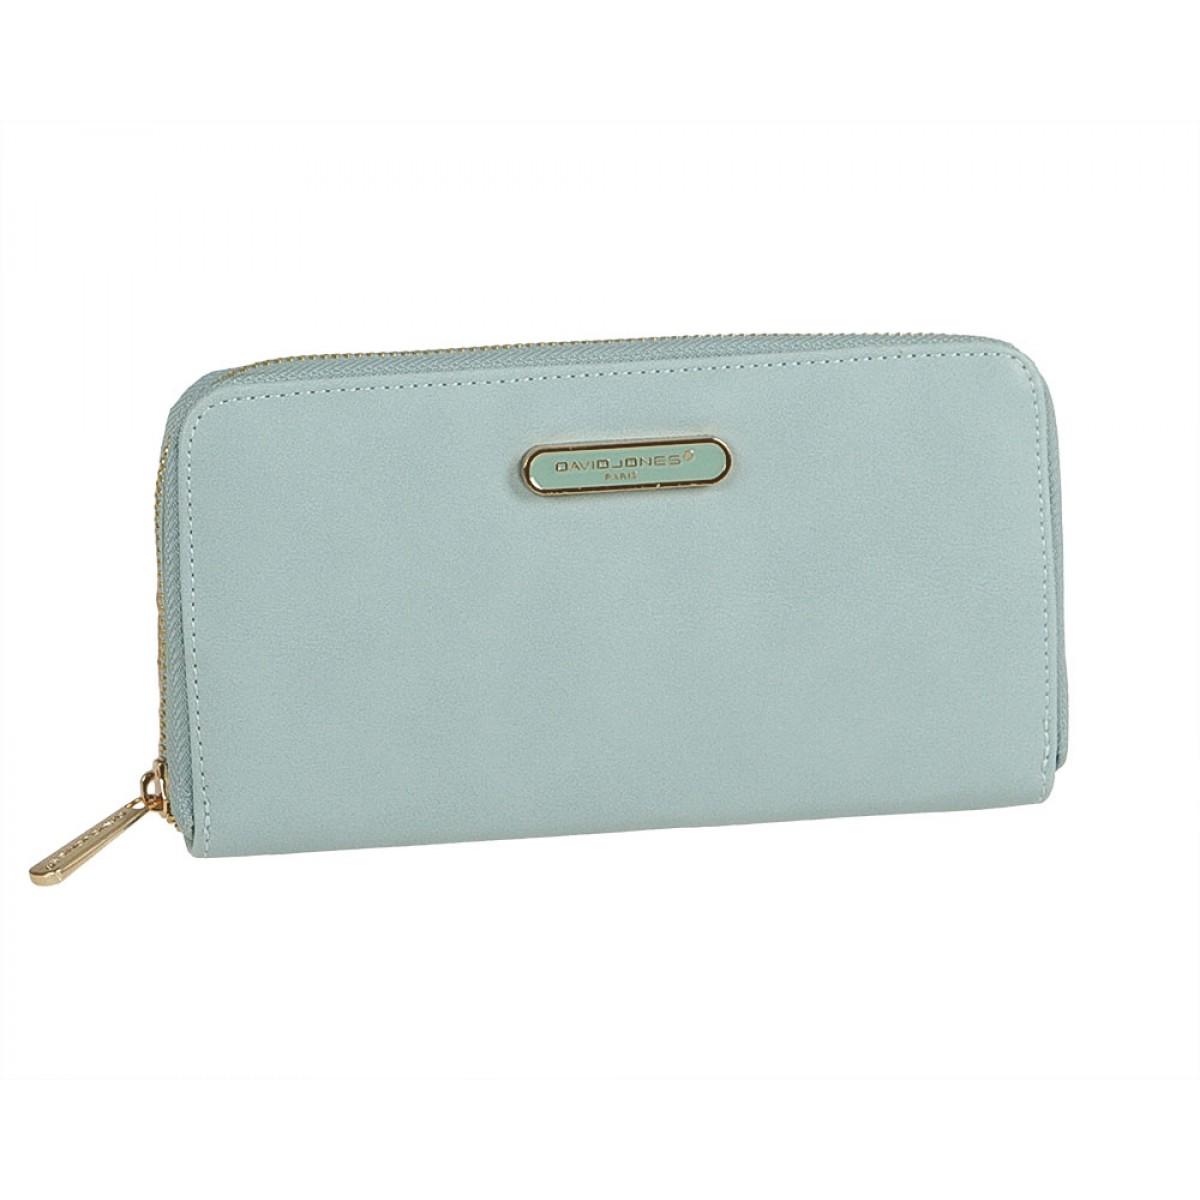 Жіночий гаманець David Jones P030-510 PALE BLUE